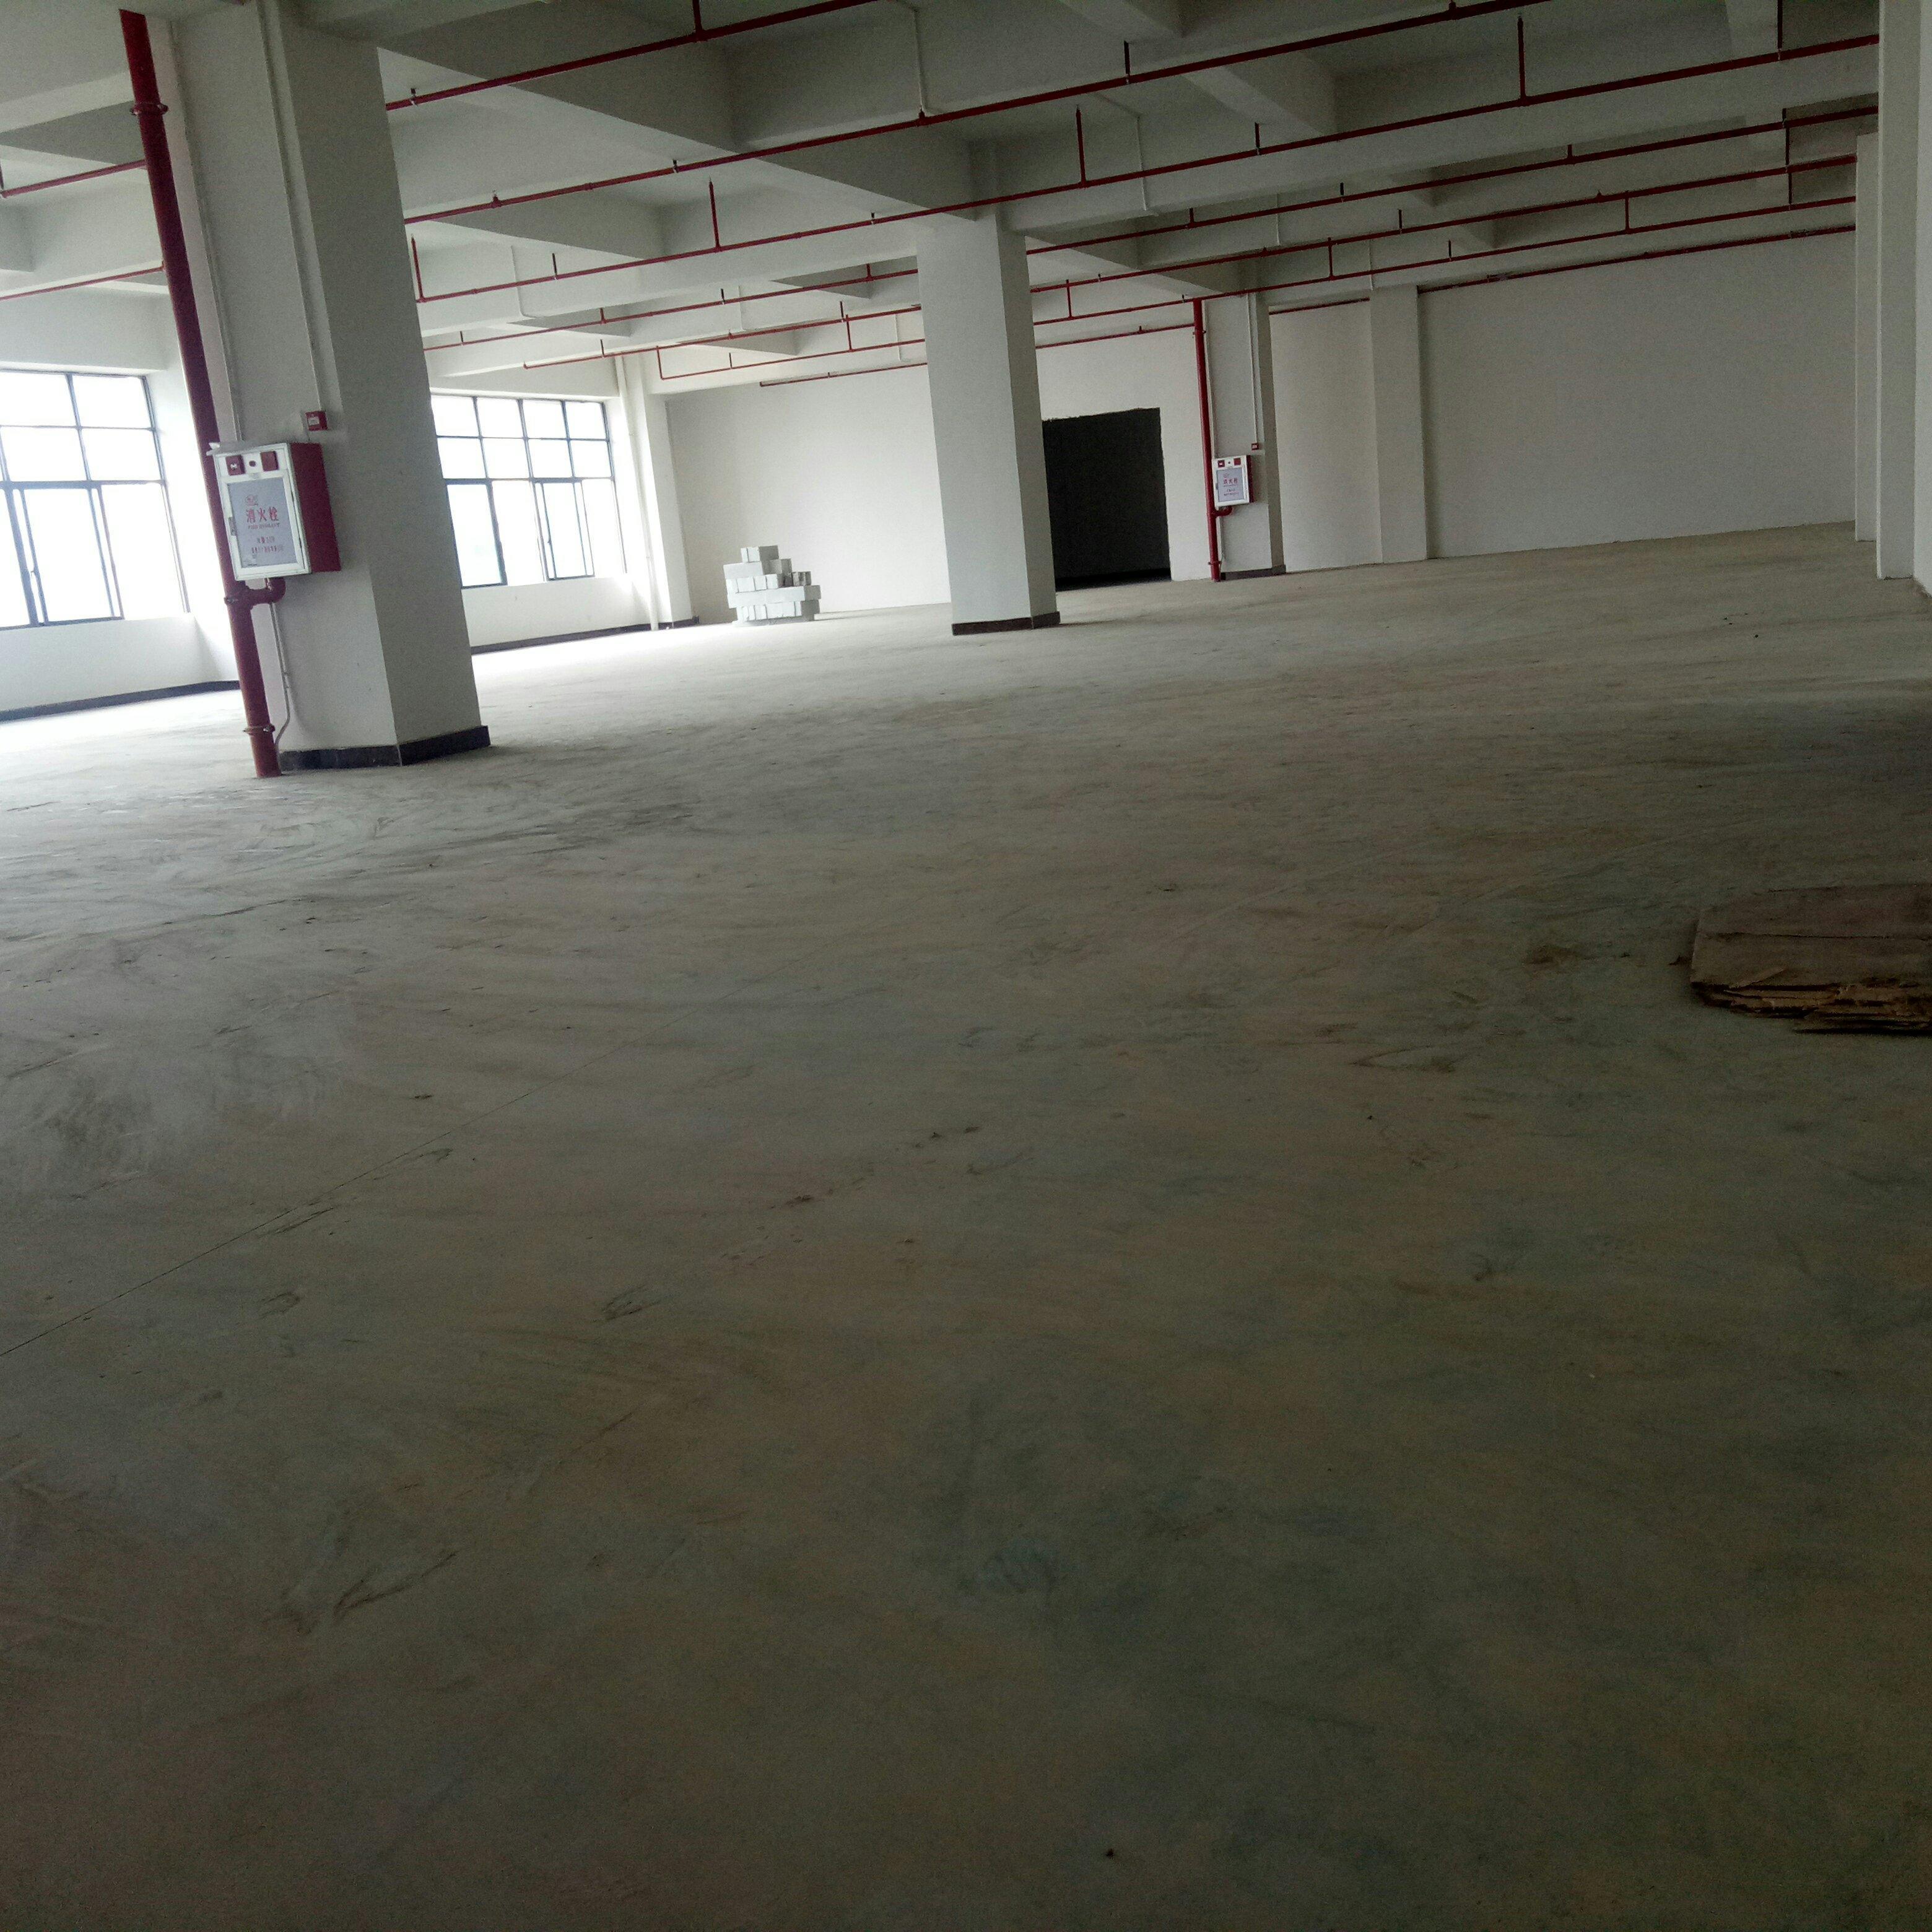 企石镇新出标准厂房一楼1080平